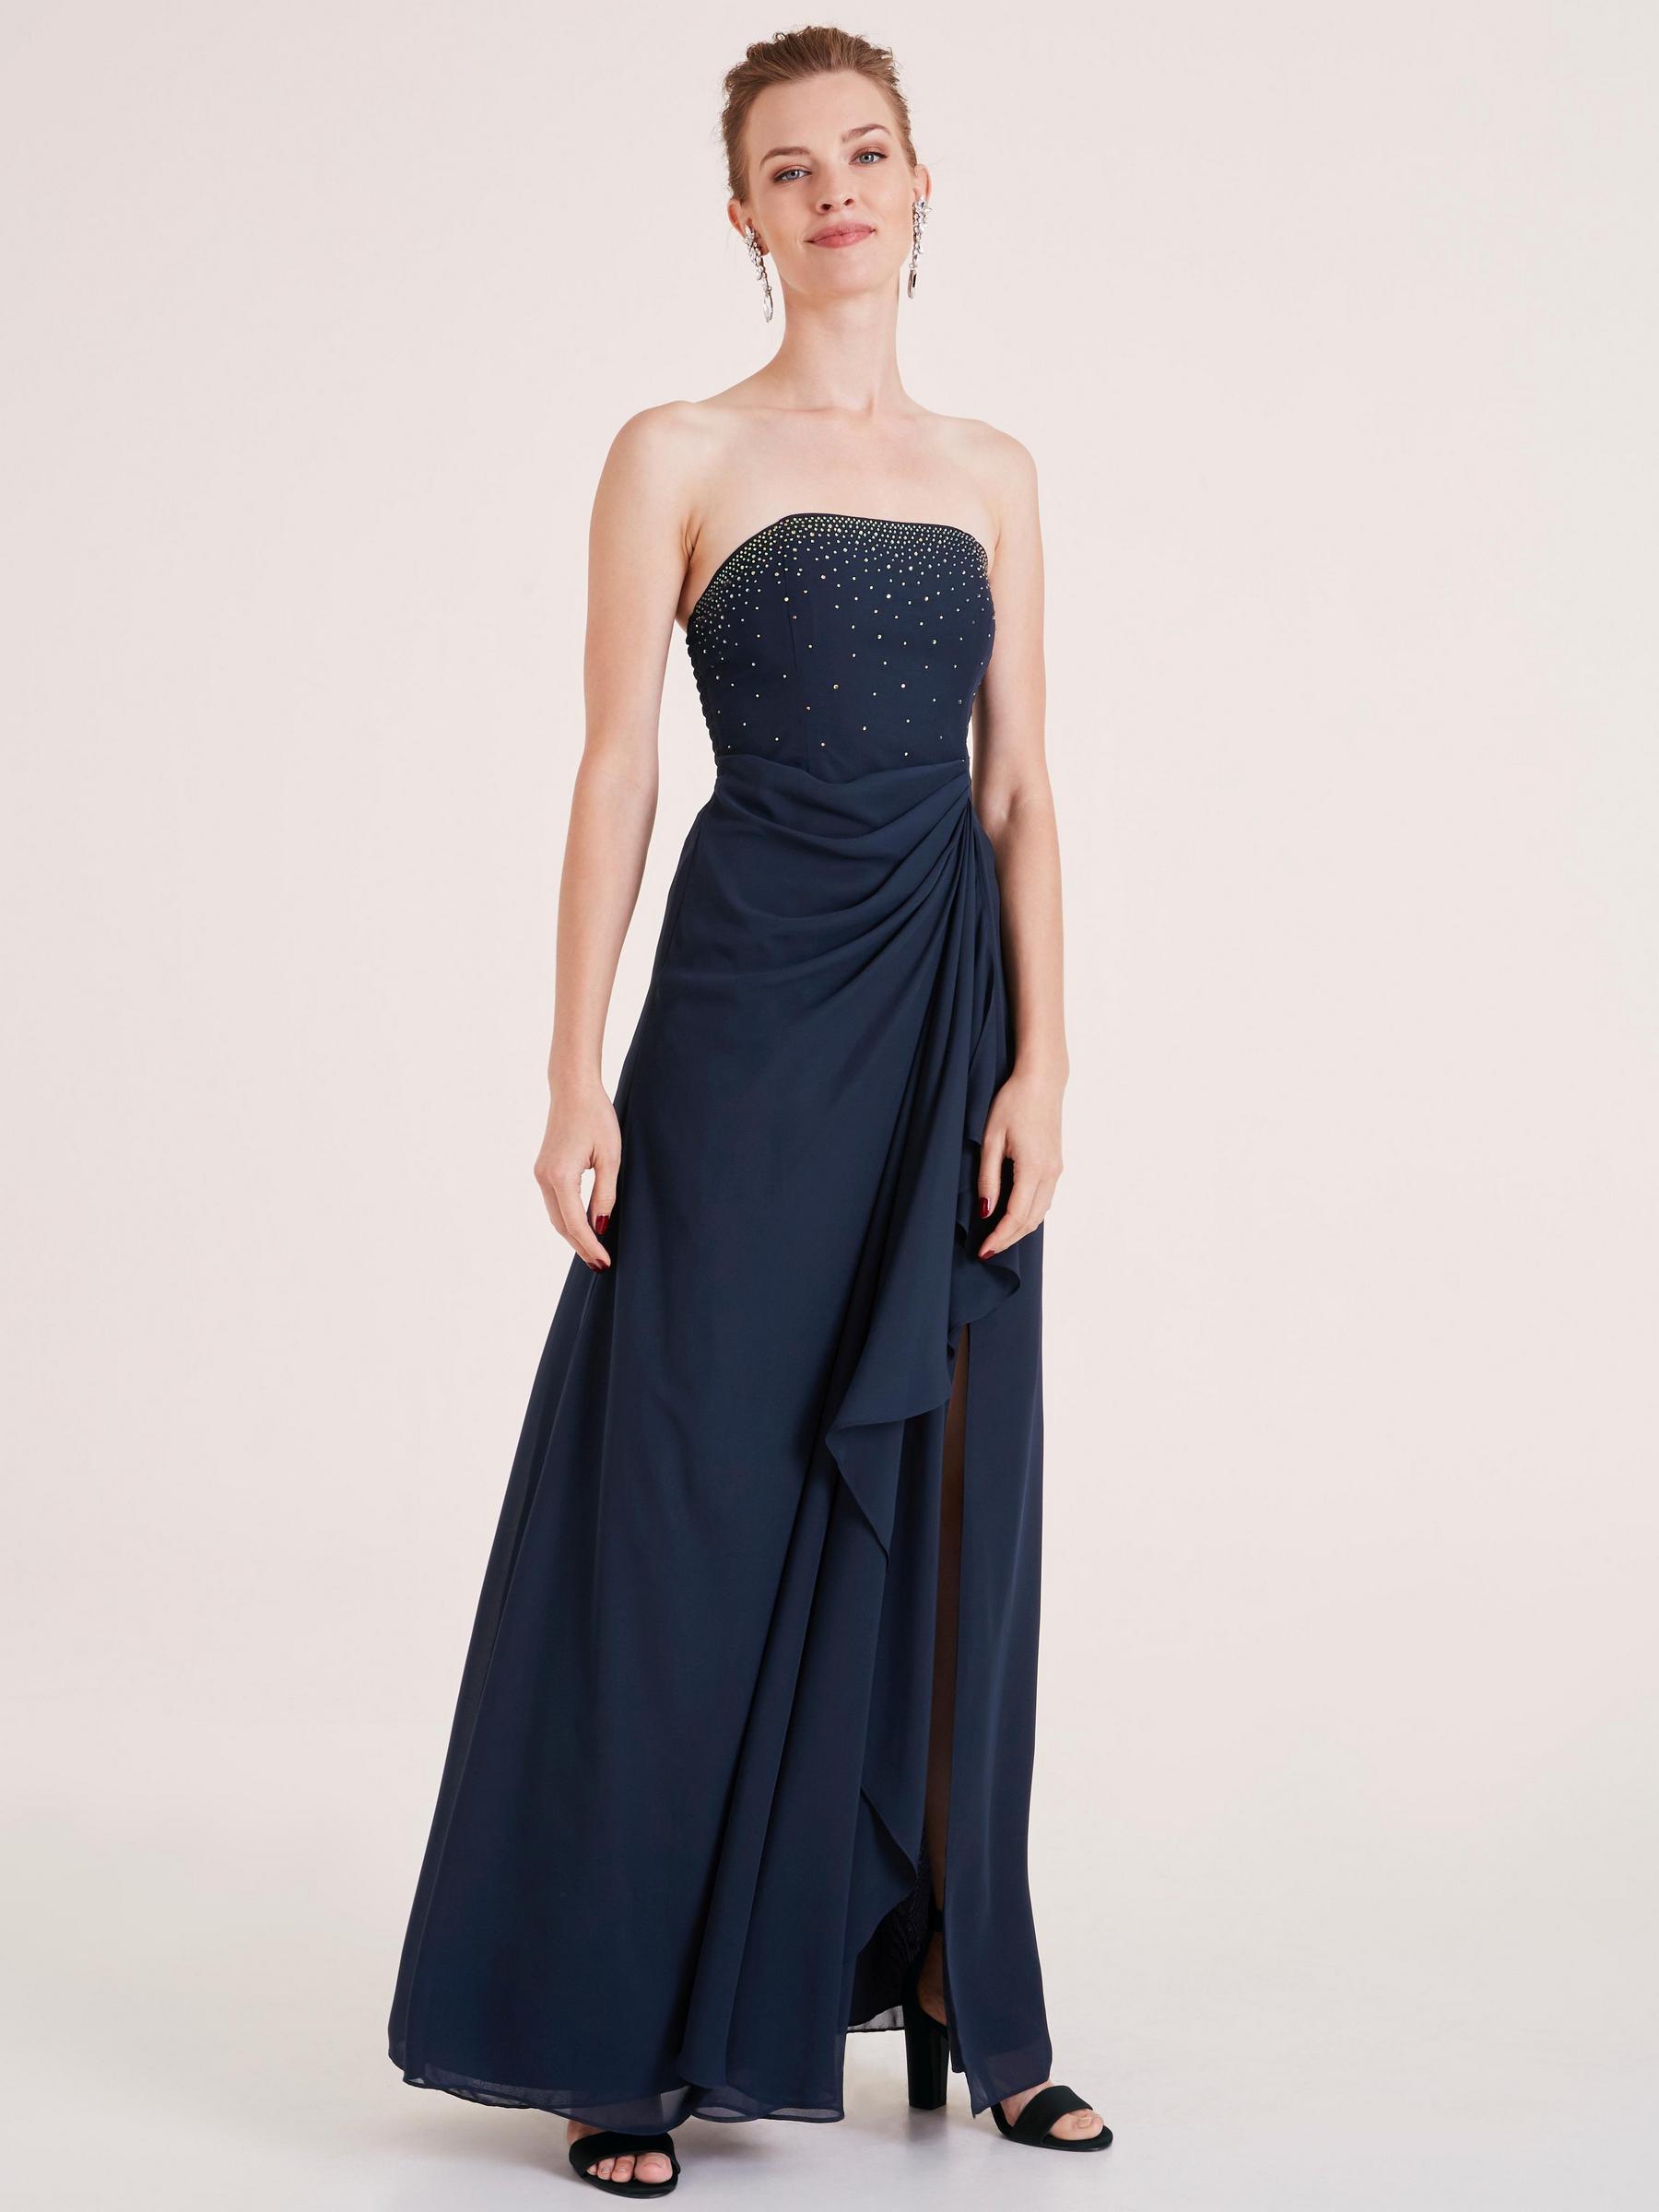 modèle de robe bustier longue bleu marine, avec strass sur la poitrine